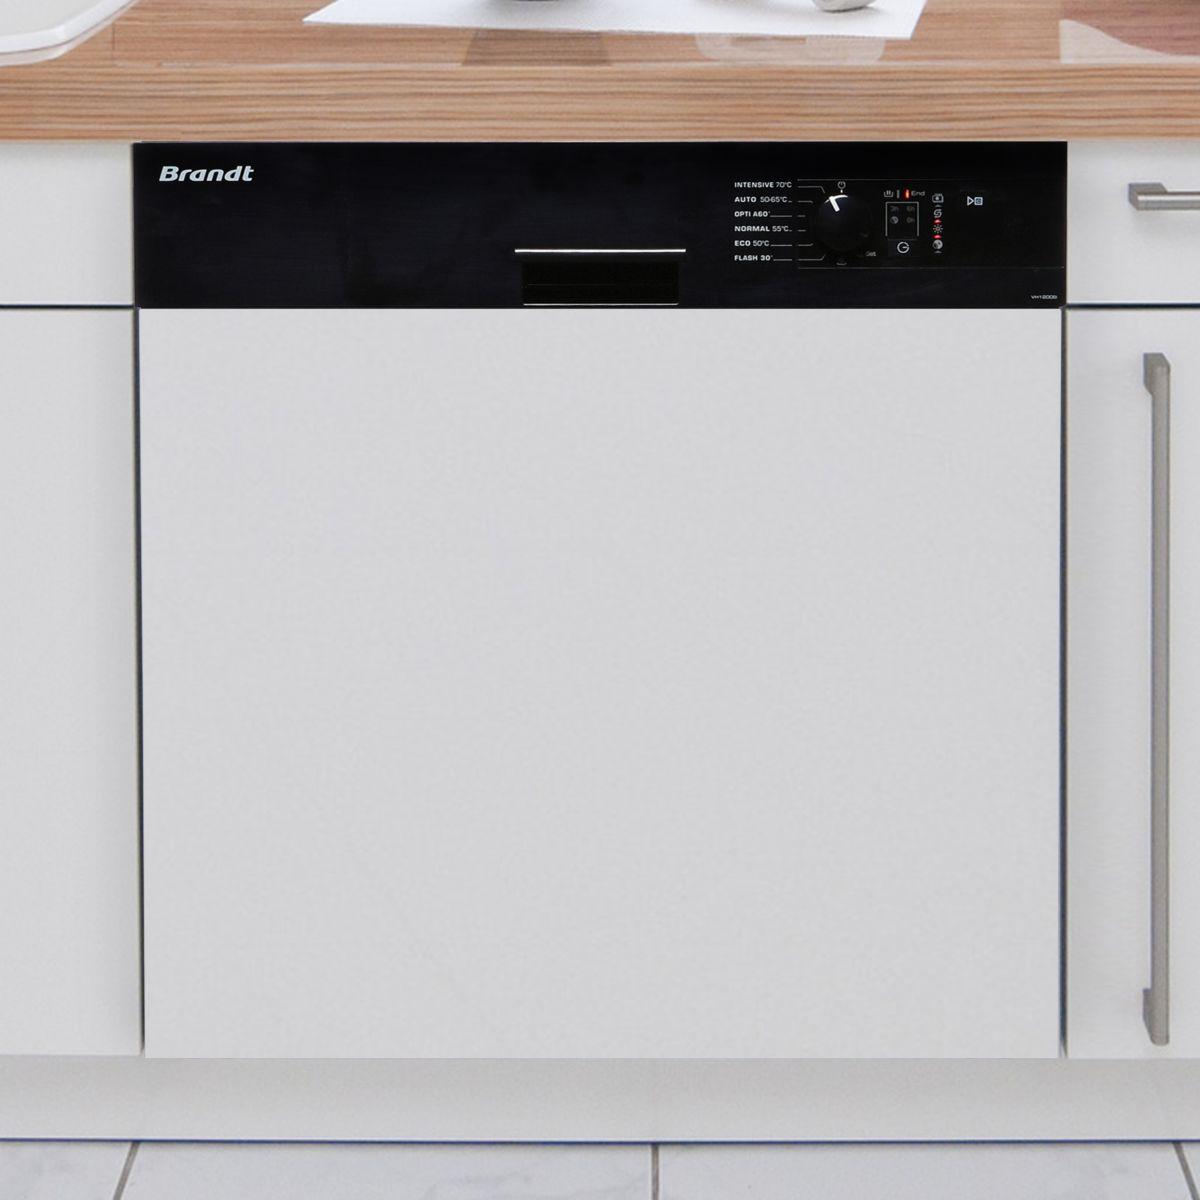 Brandt vh1200 lave vaisselle int grable 13 couverts comparer avec tousles - Lave vaisselle brandt noir ...